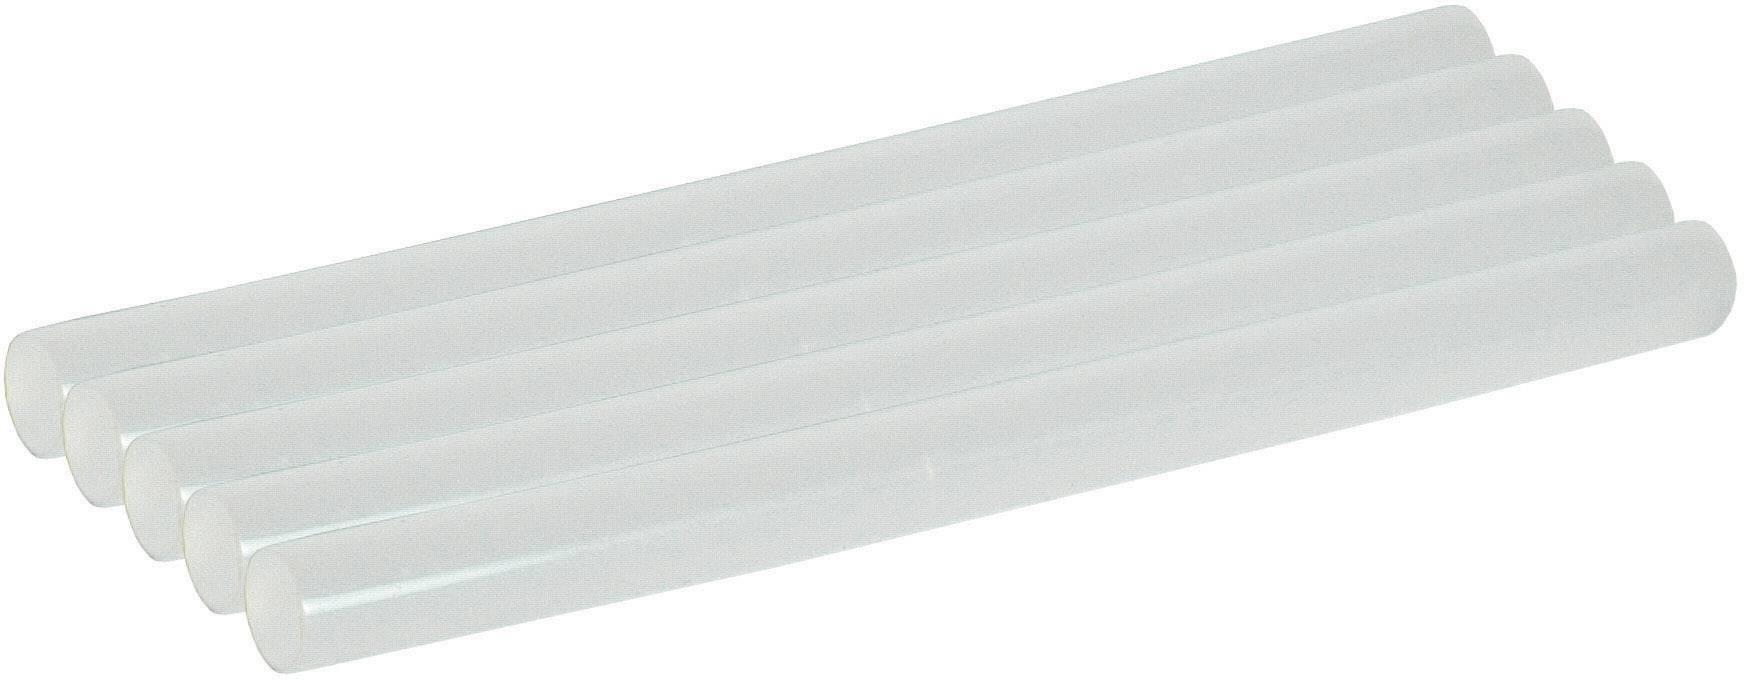 Lepicí tyčinky Star Tec ST 10642, Ø 7 mm, délka 100 mm, 5 ks, transparentní bílá